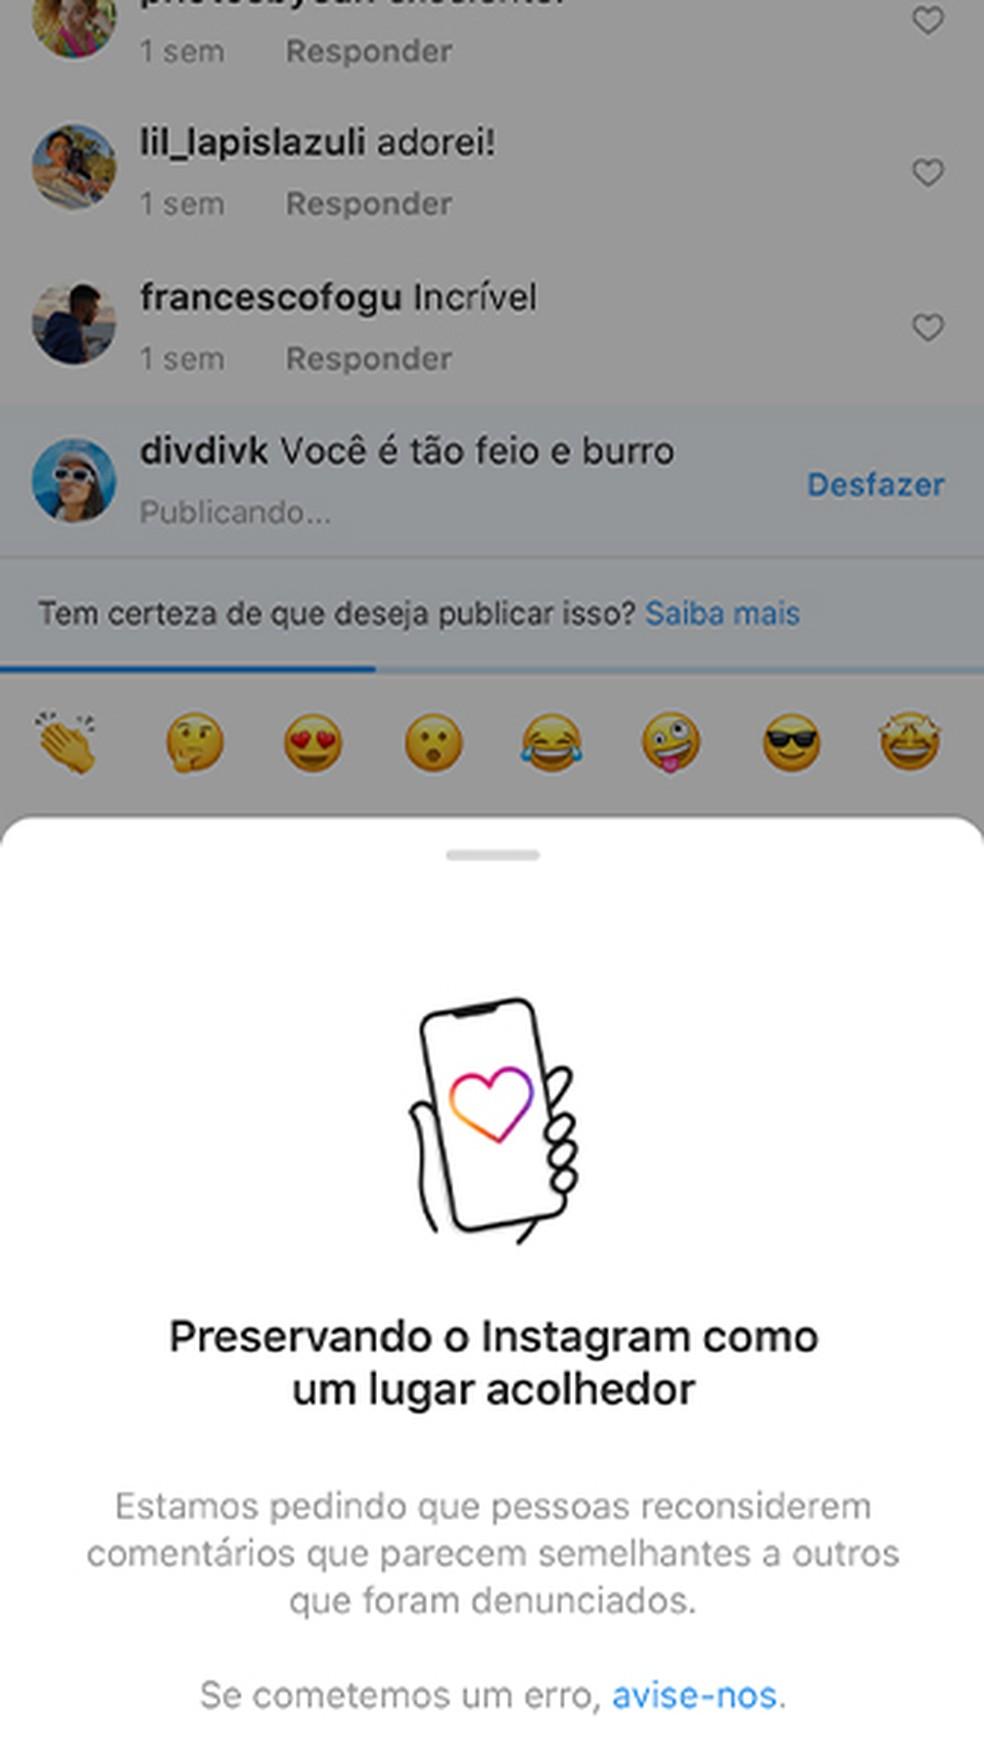 Alerta de comentário é nova ferramenta do Instagram contra bullying online  — Foto: Reprodução/Instagram